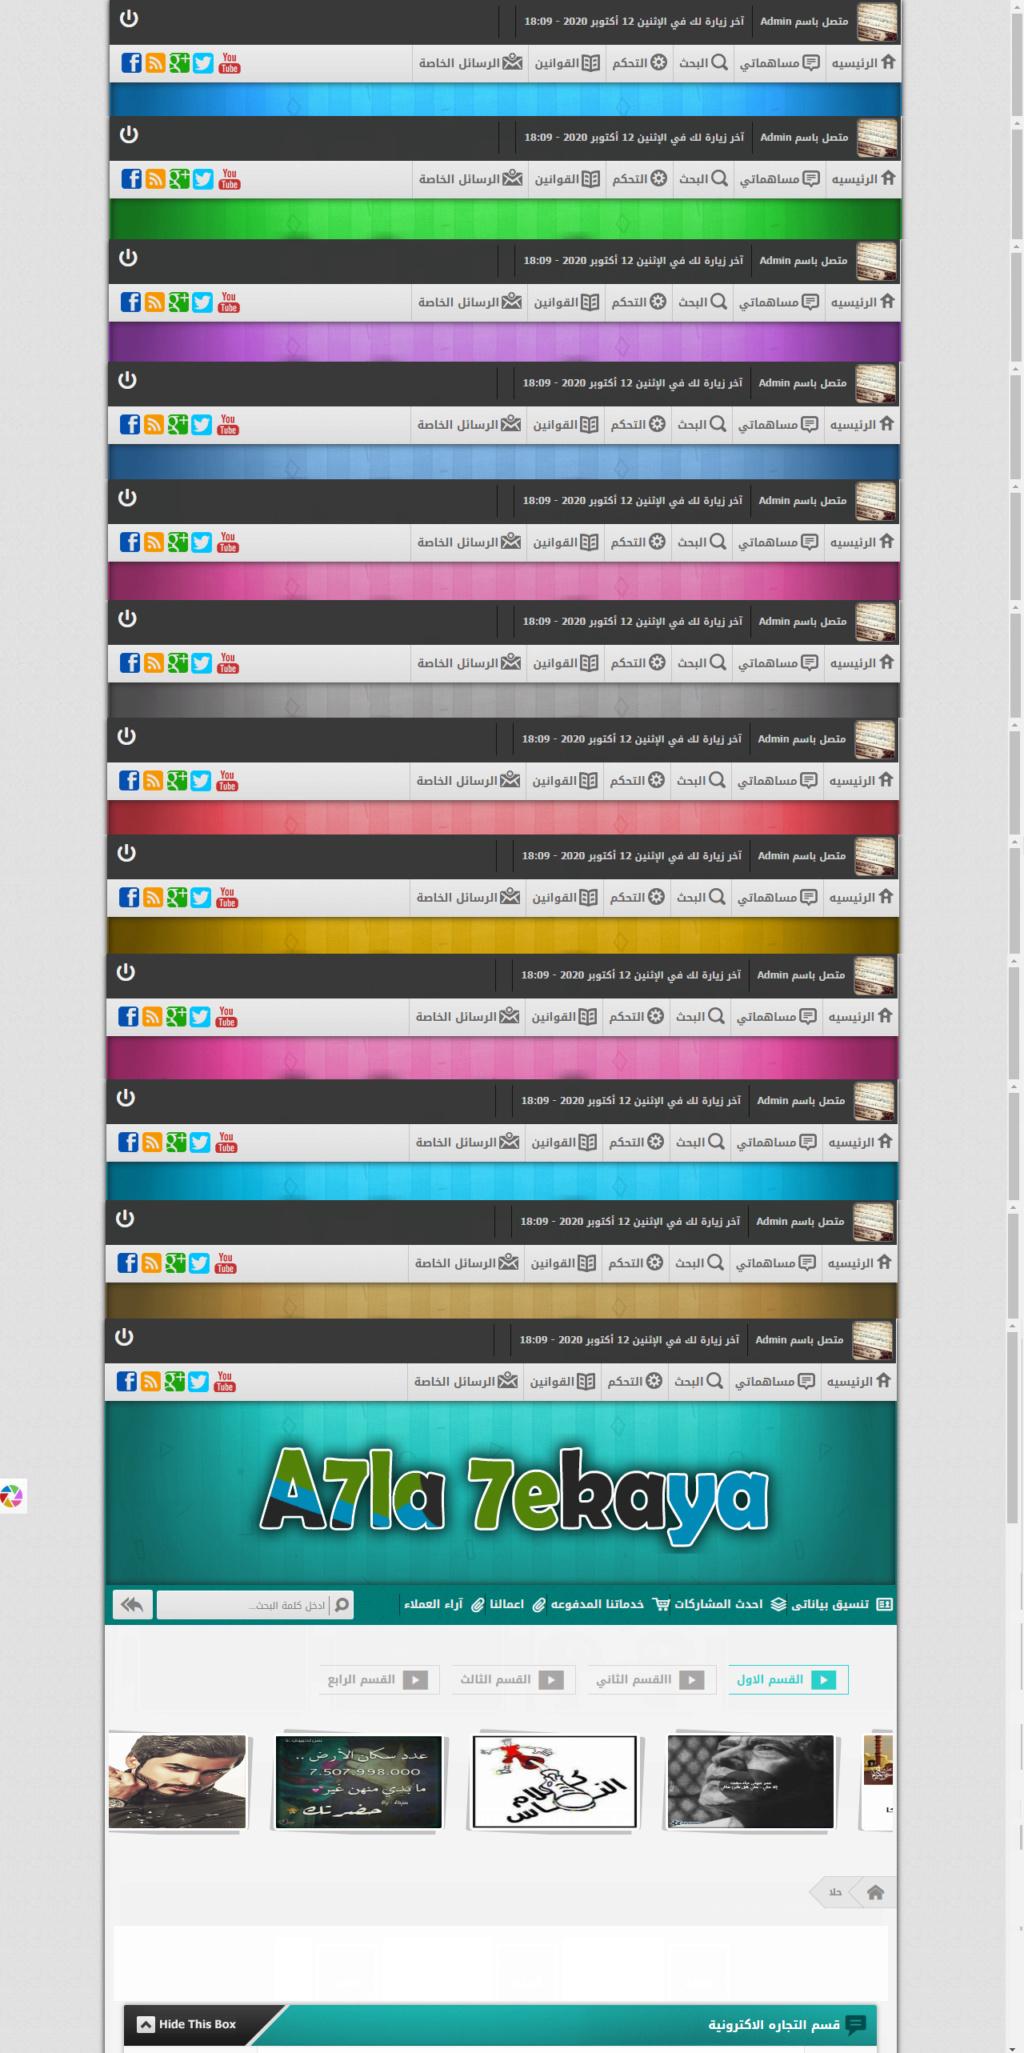 [Style]تومبلايت فنون متكامل متعدد 12 لون تحويل وبرمجة الطائر الحر 12-10-11